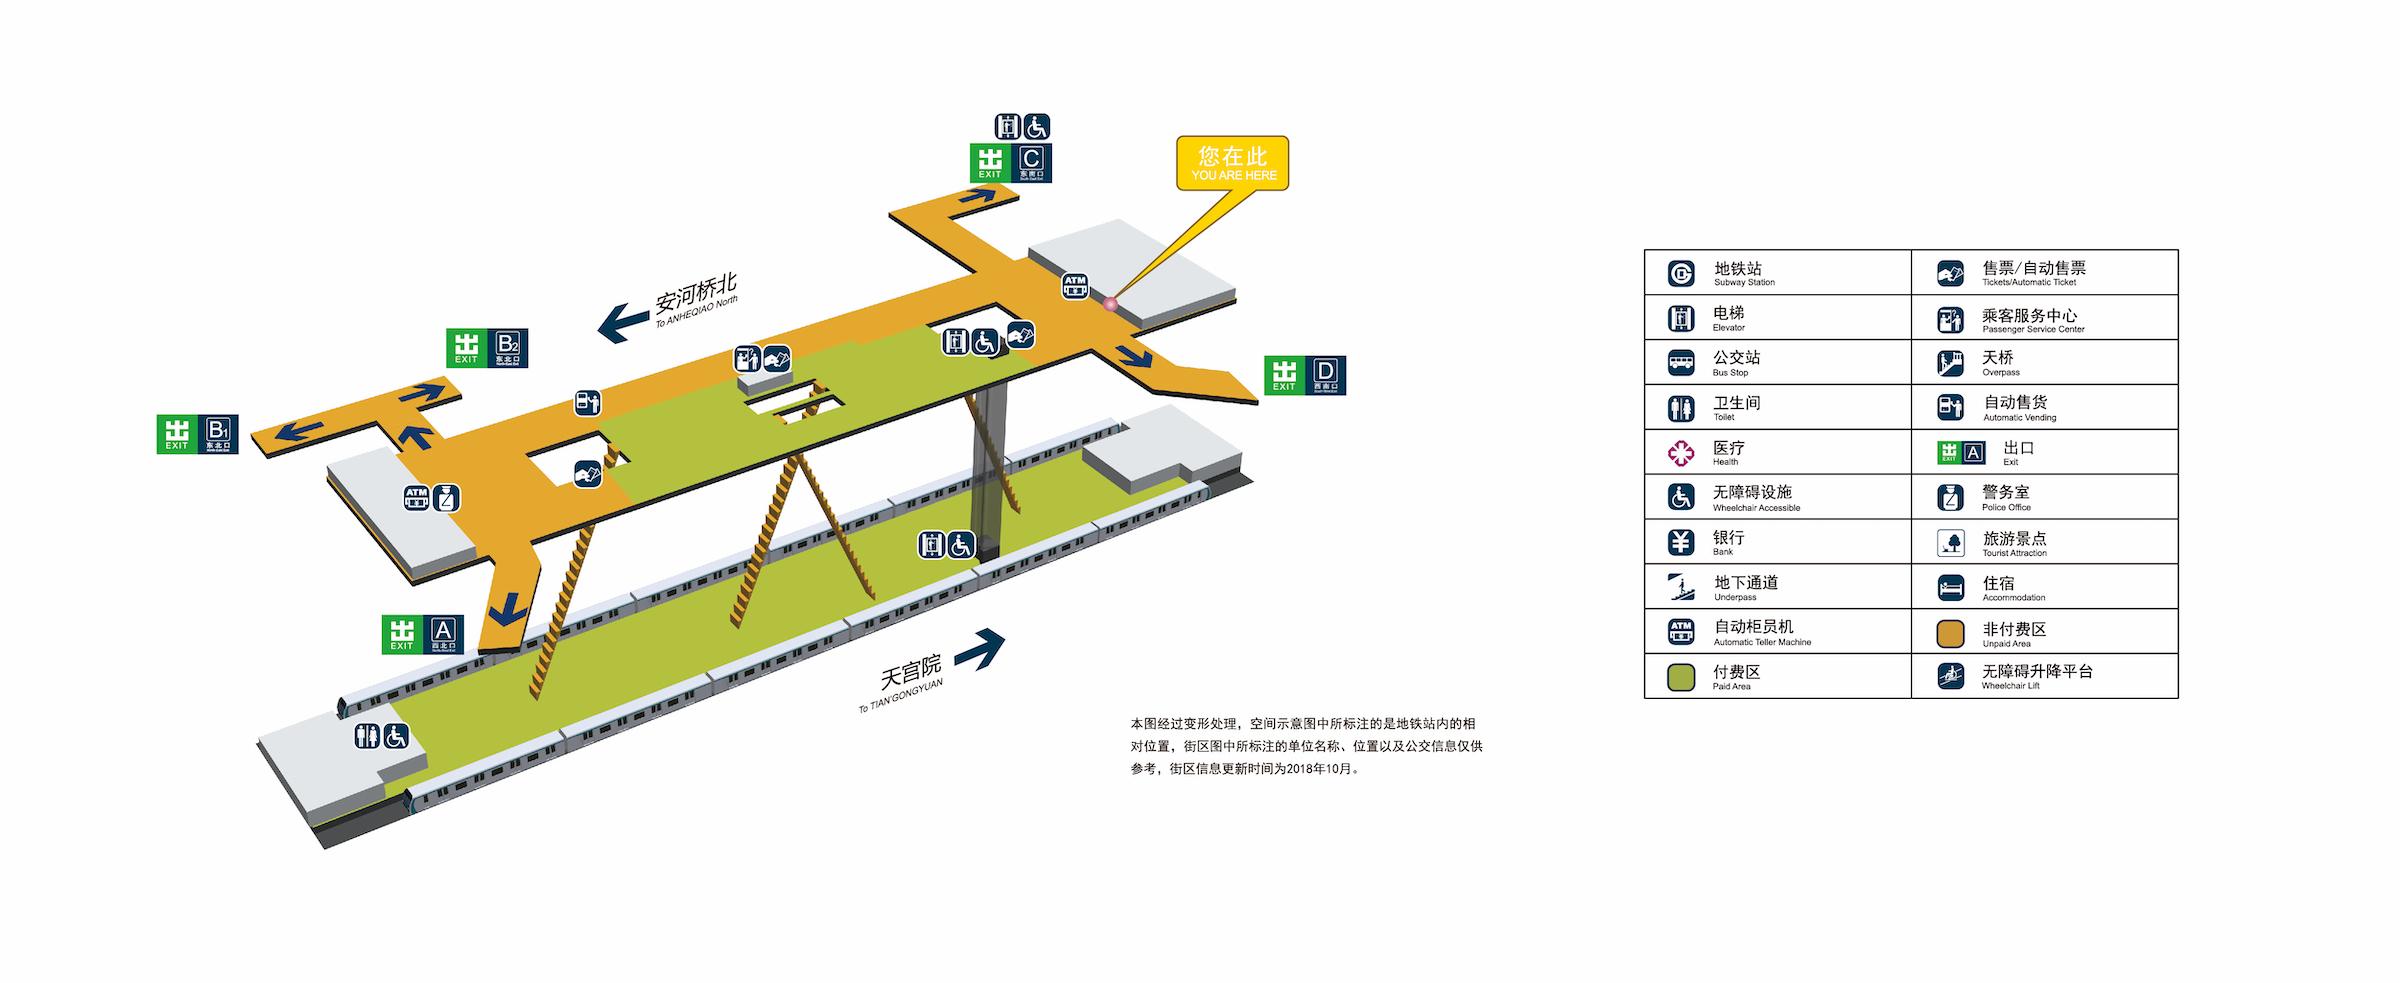 高米店南站立体图